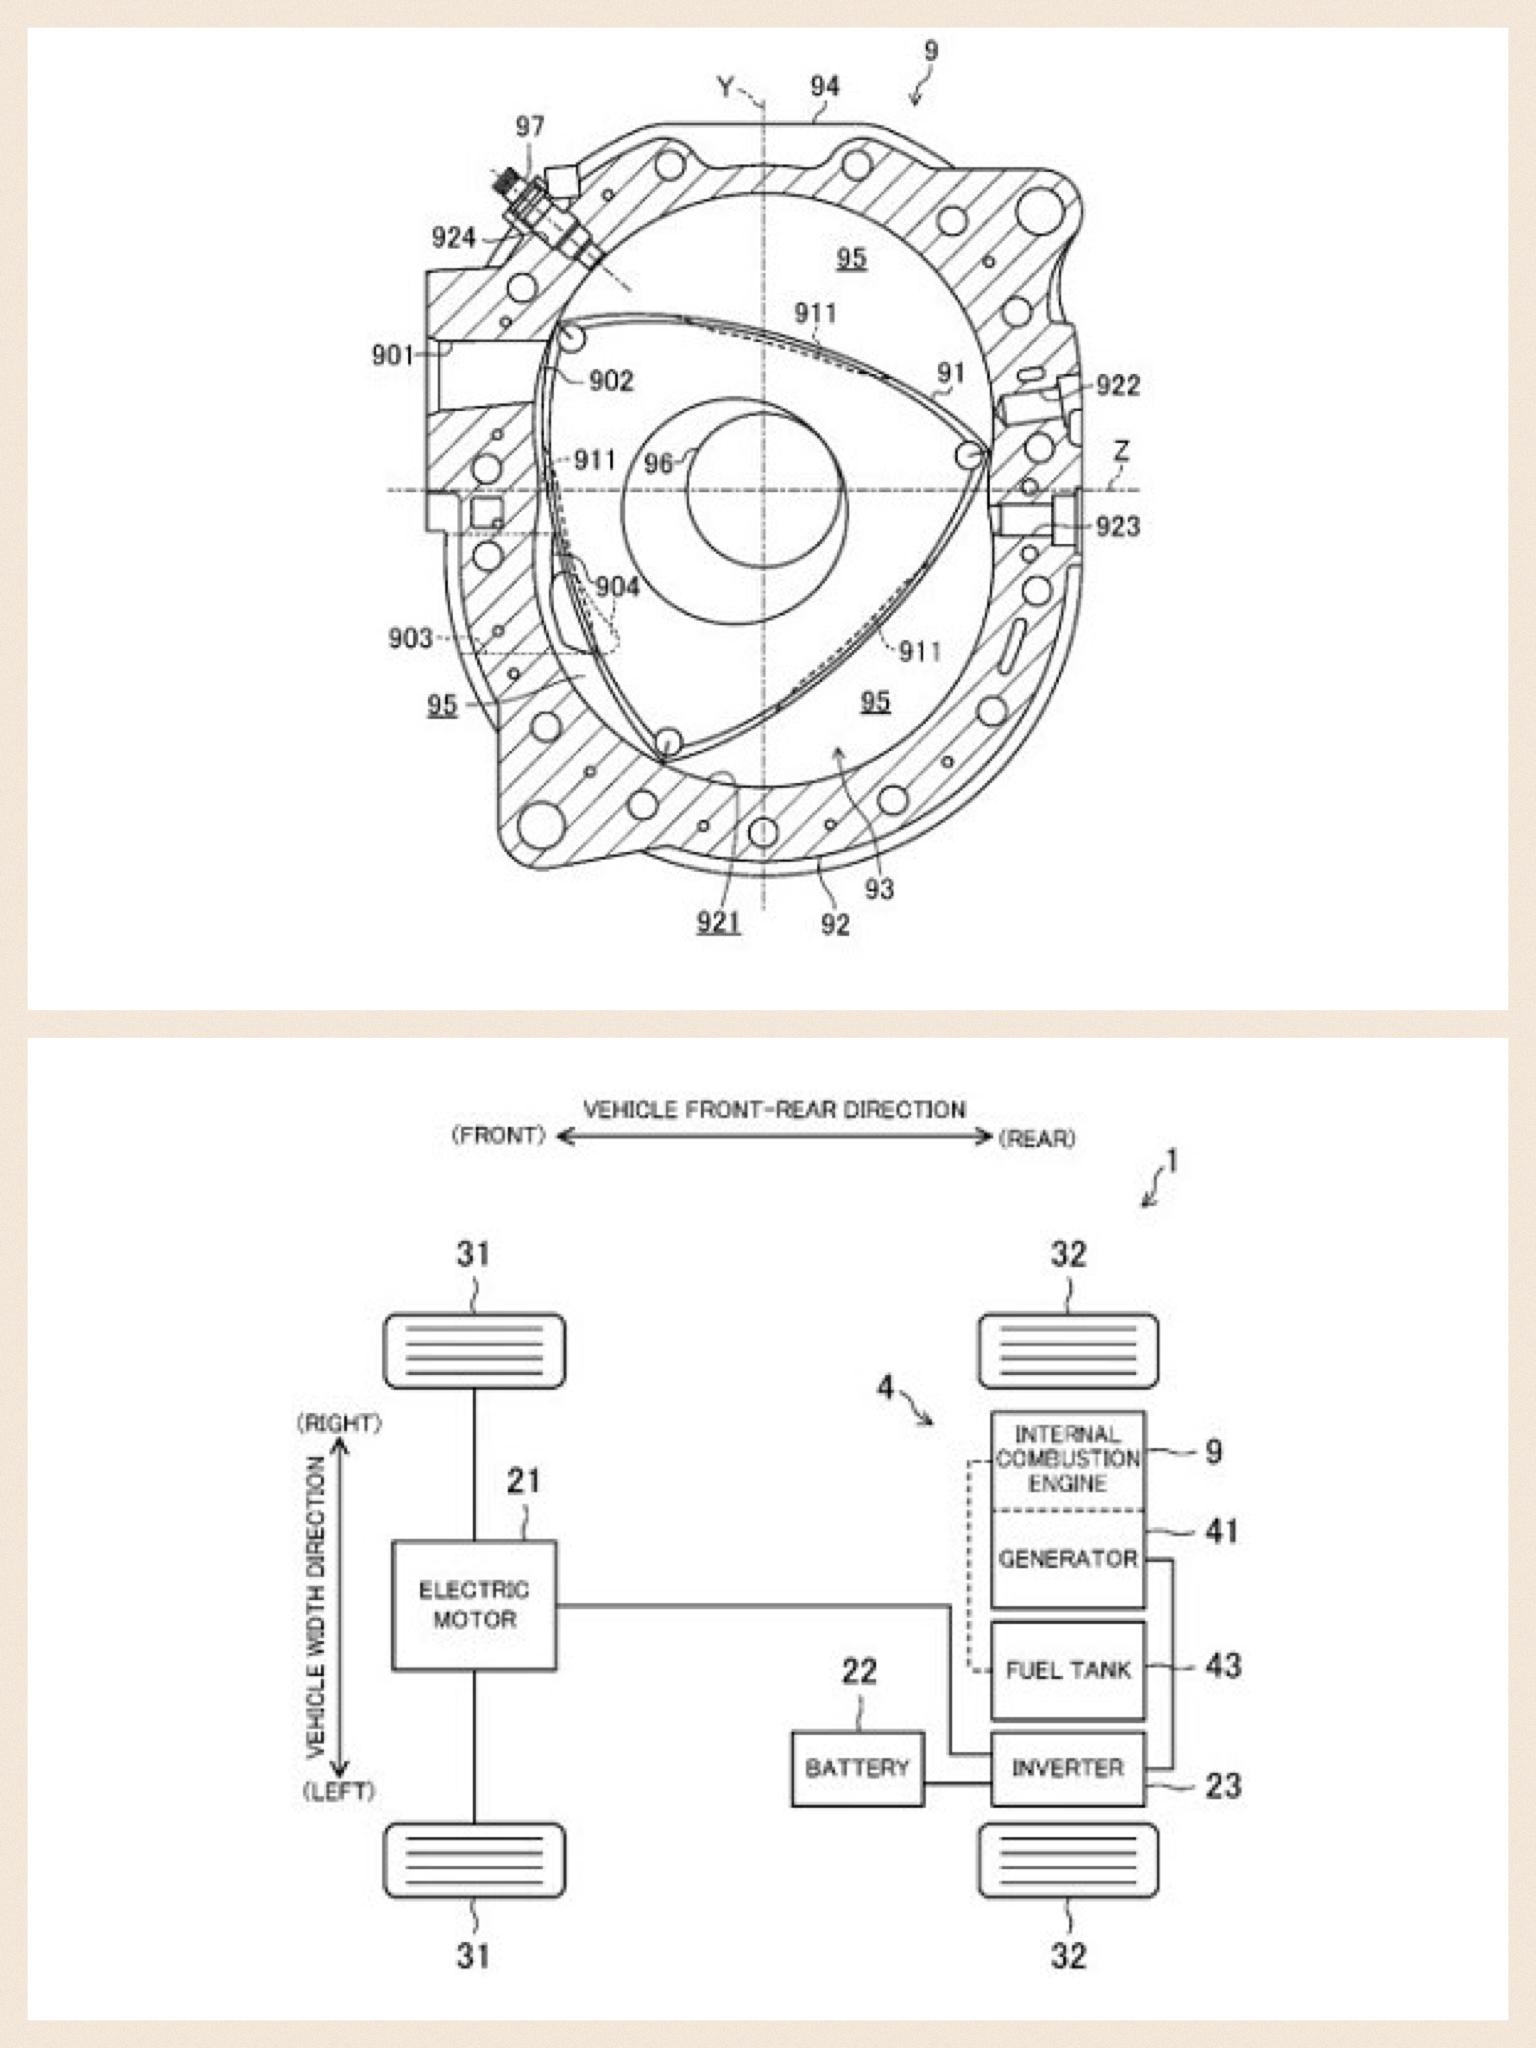 マツダ ロータリーエンジンをレンジエクステンダーに使うEV開発中